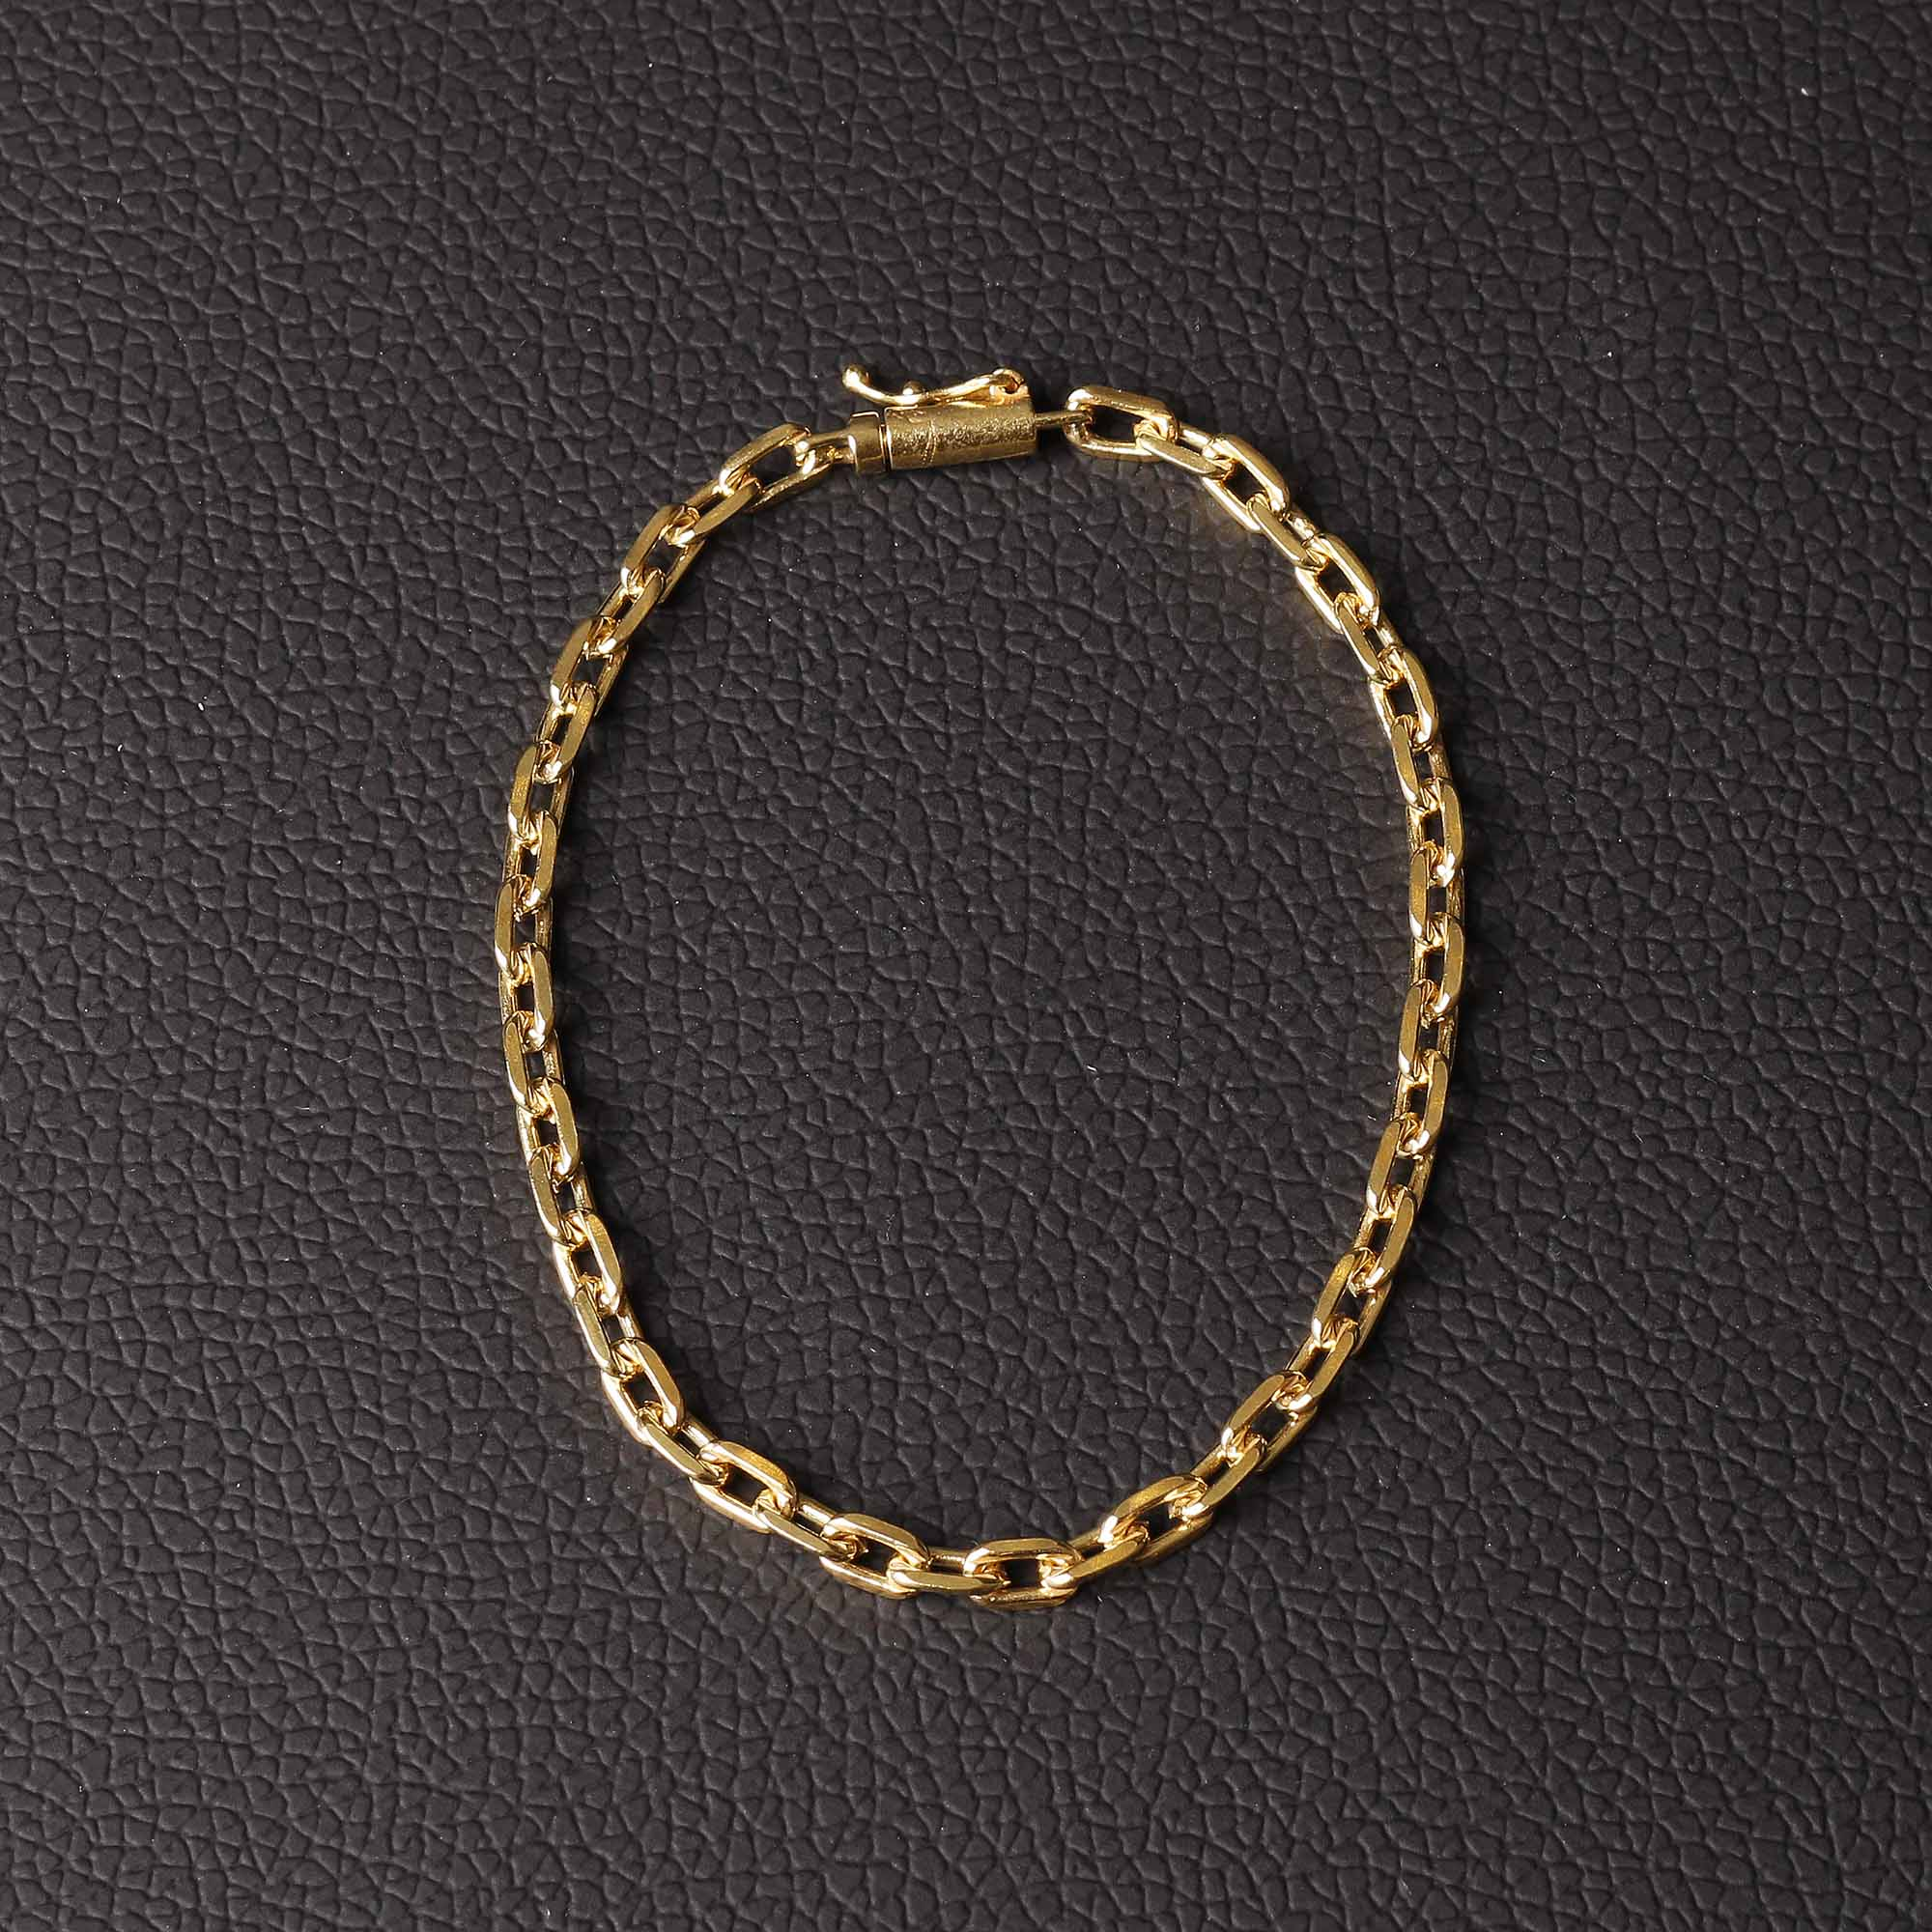 Pulseira cadeado elo de quina 4mm feito de moeda antiga